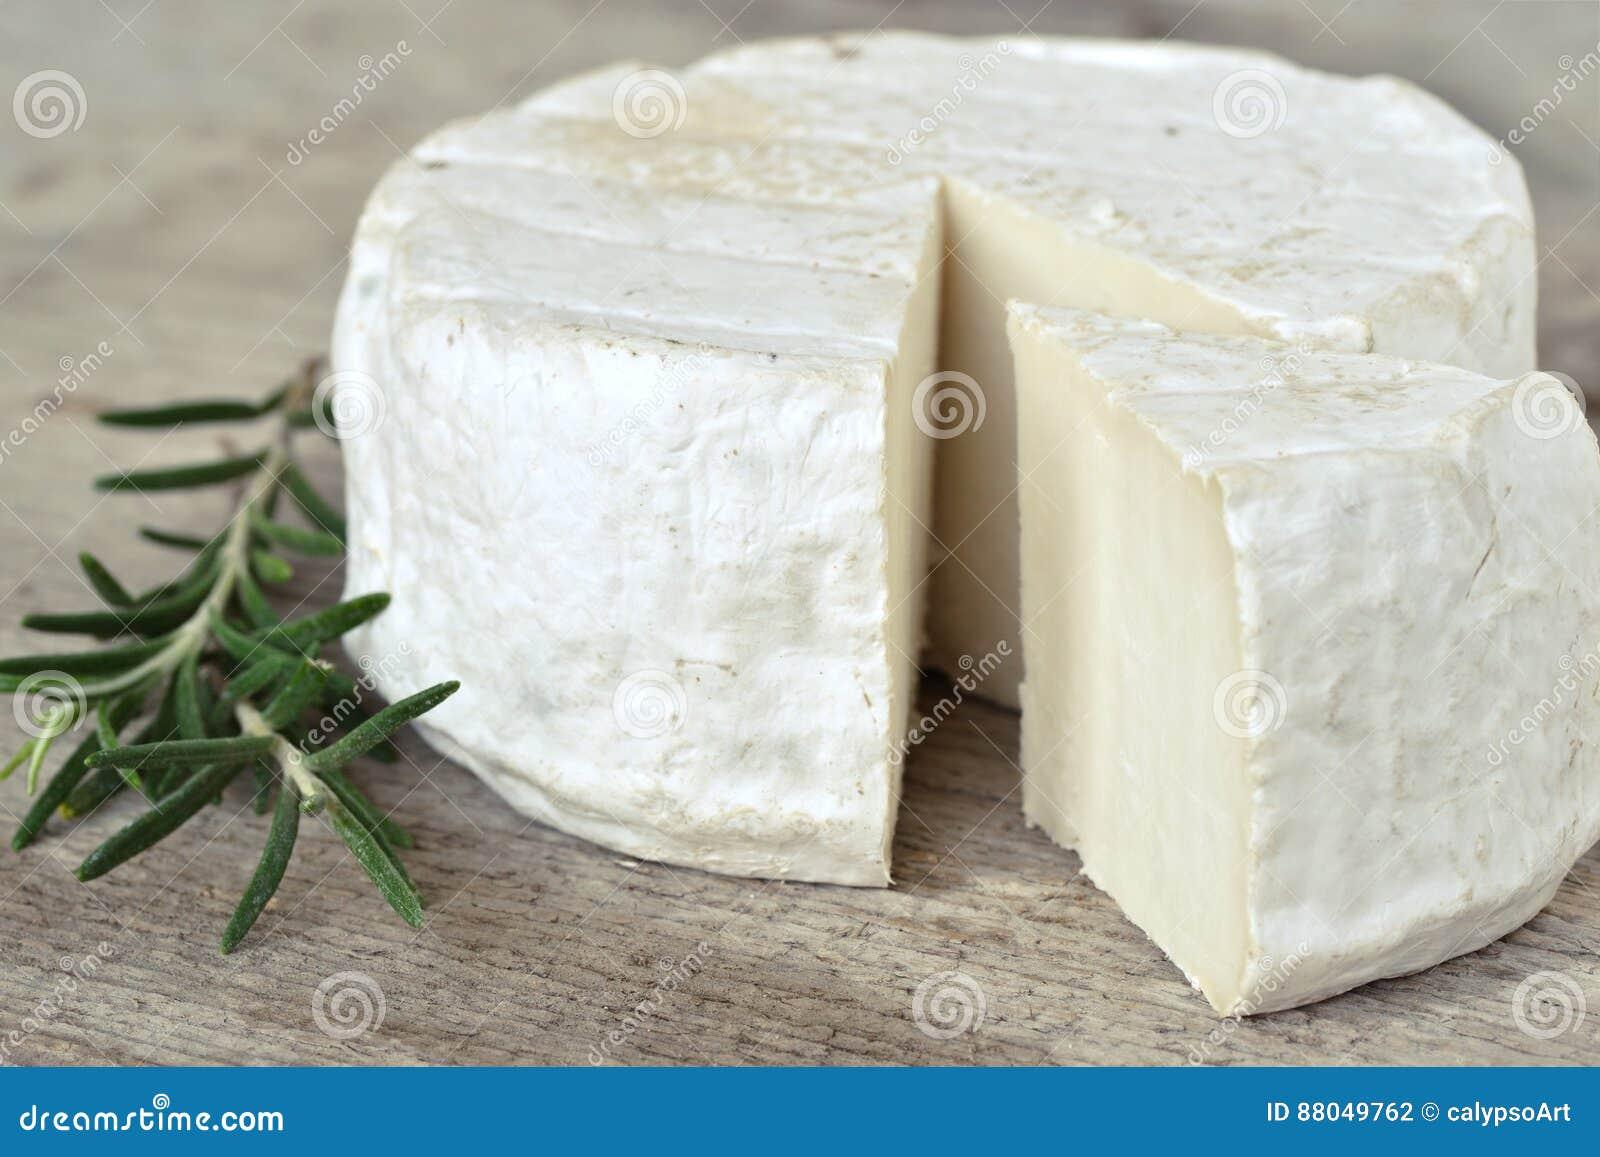 山羊乳干酪